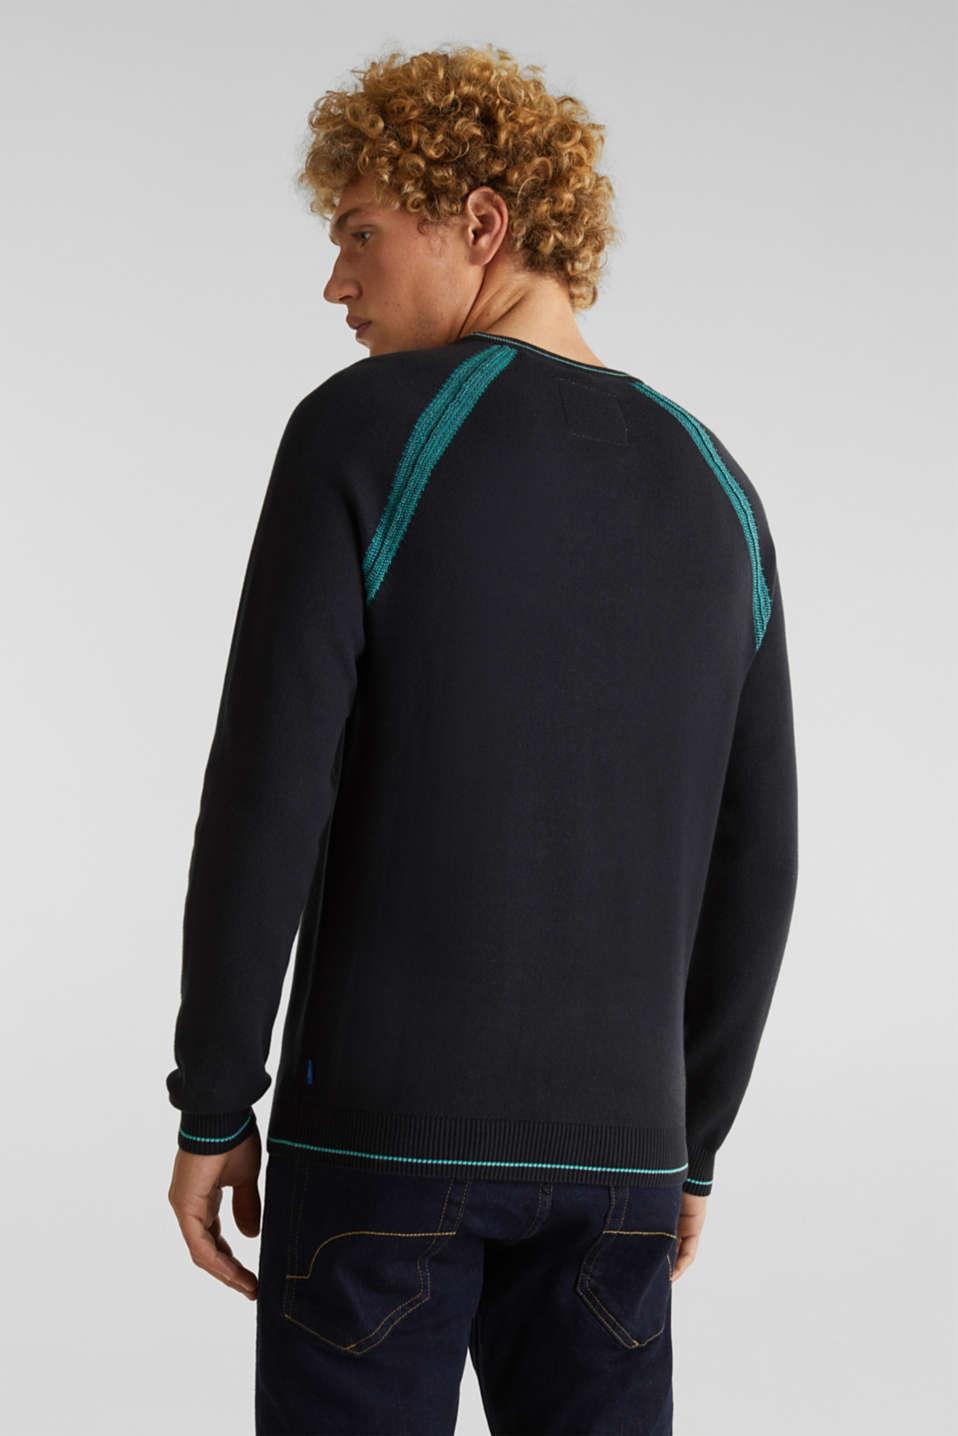 Jumper with contrasting details, 100% cotton, BLACK 2, detail image number 2